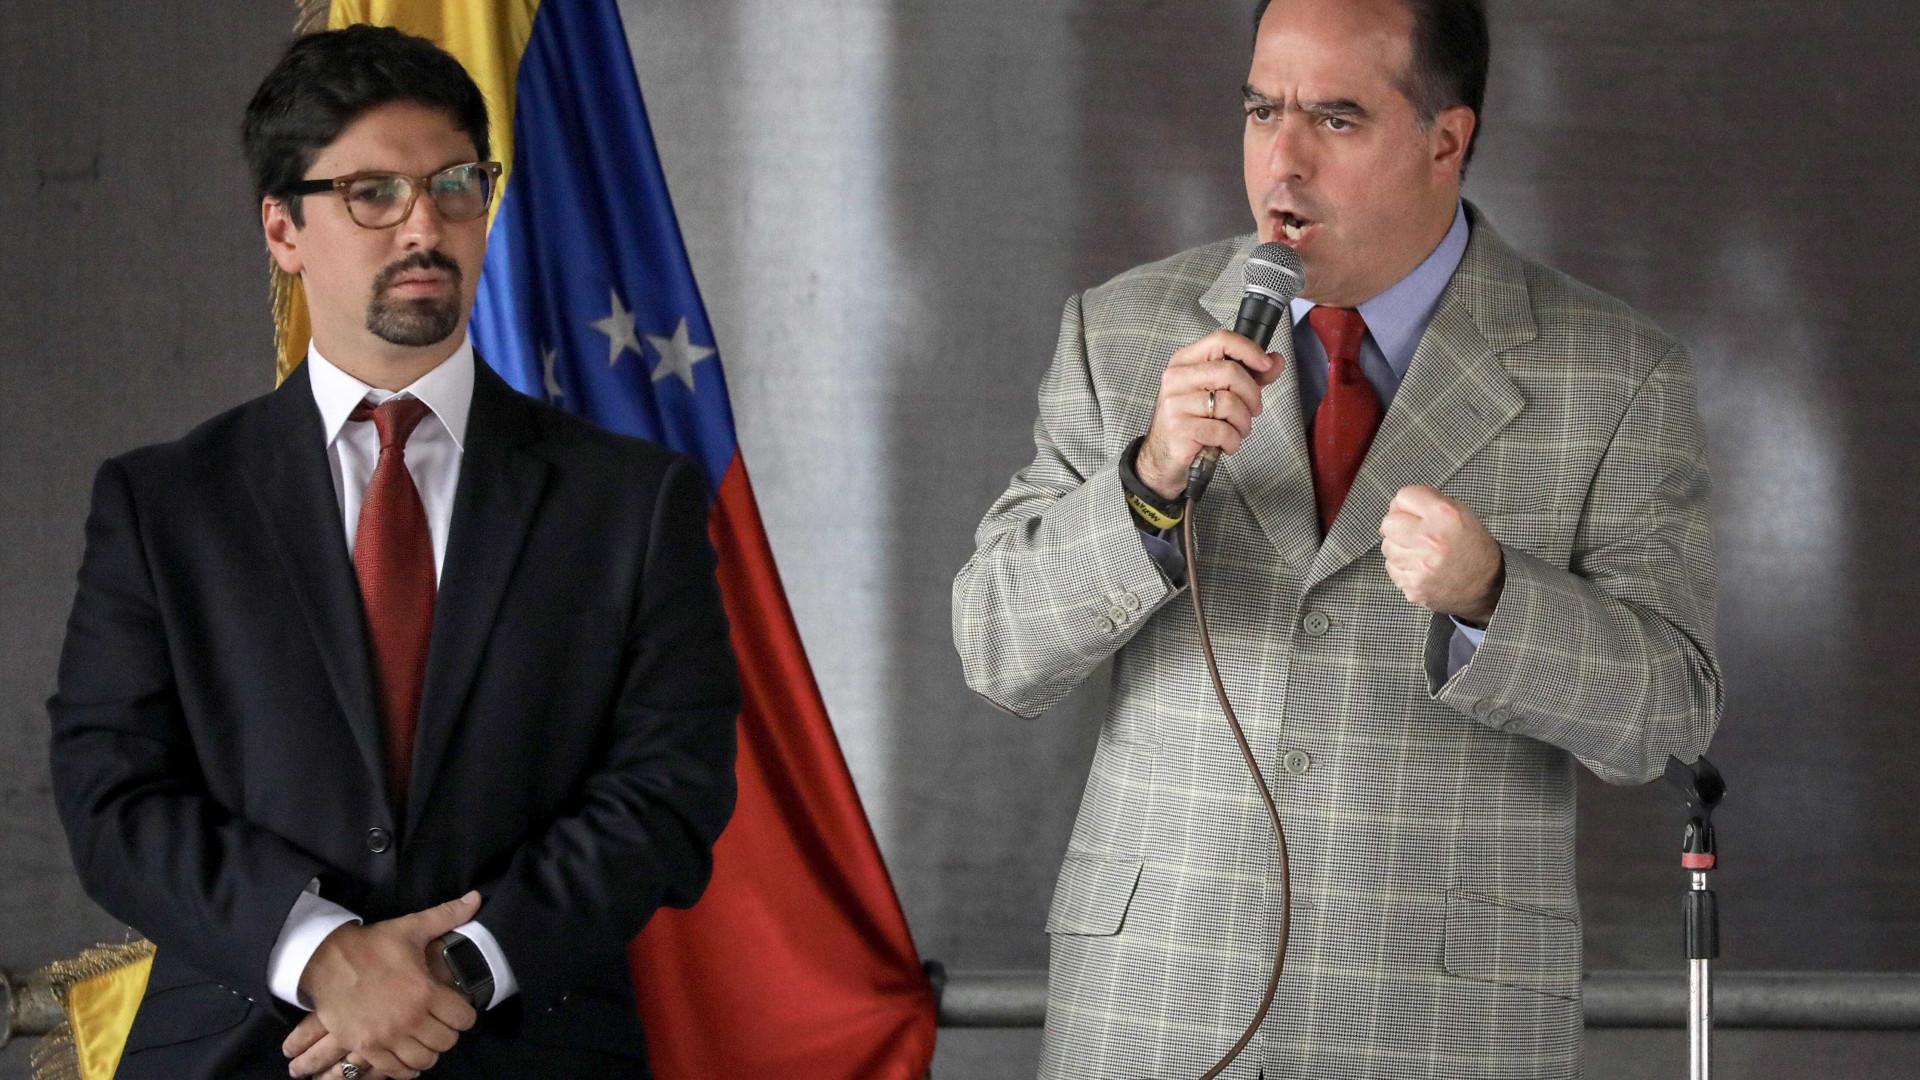 Juízes nomeados pelo Parlamento da Venezuela serão presos — Maduro